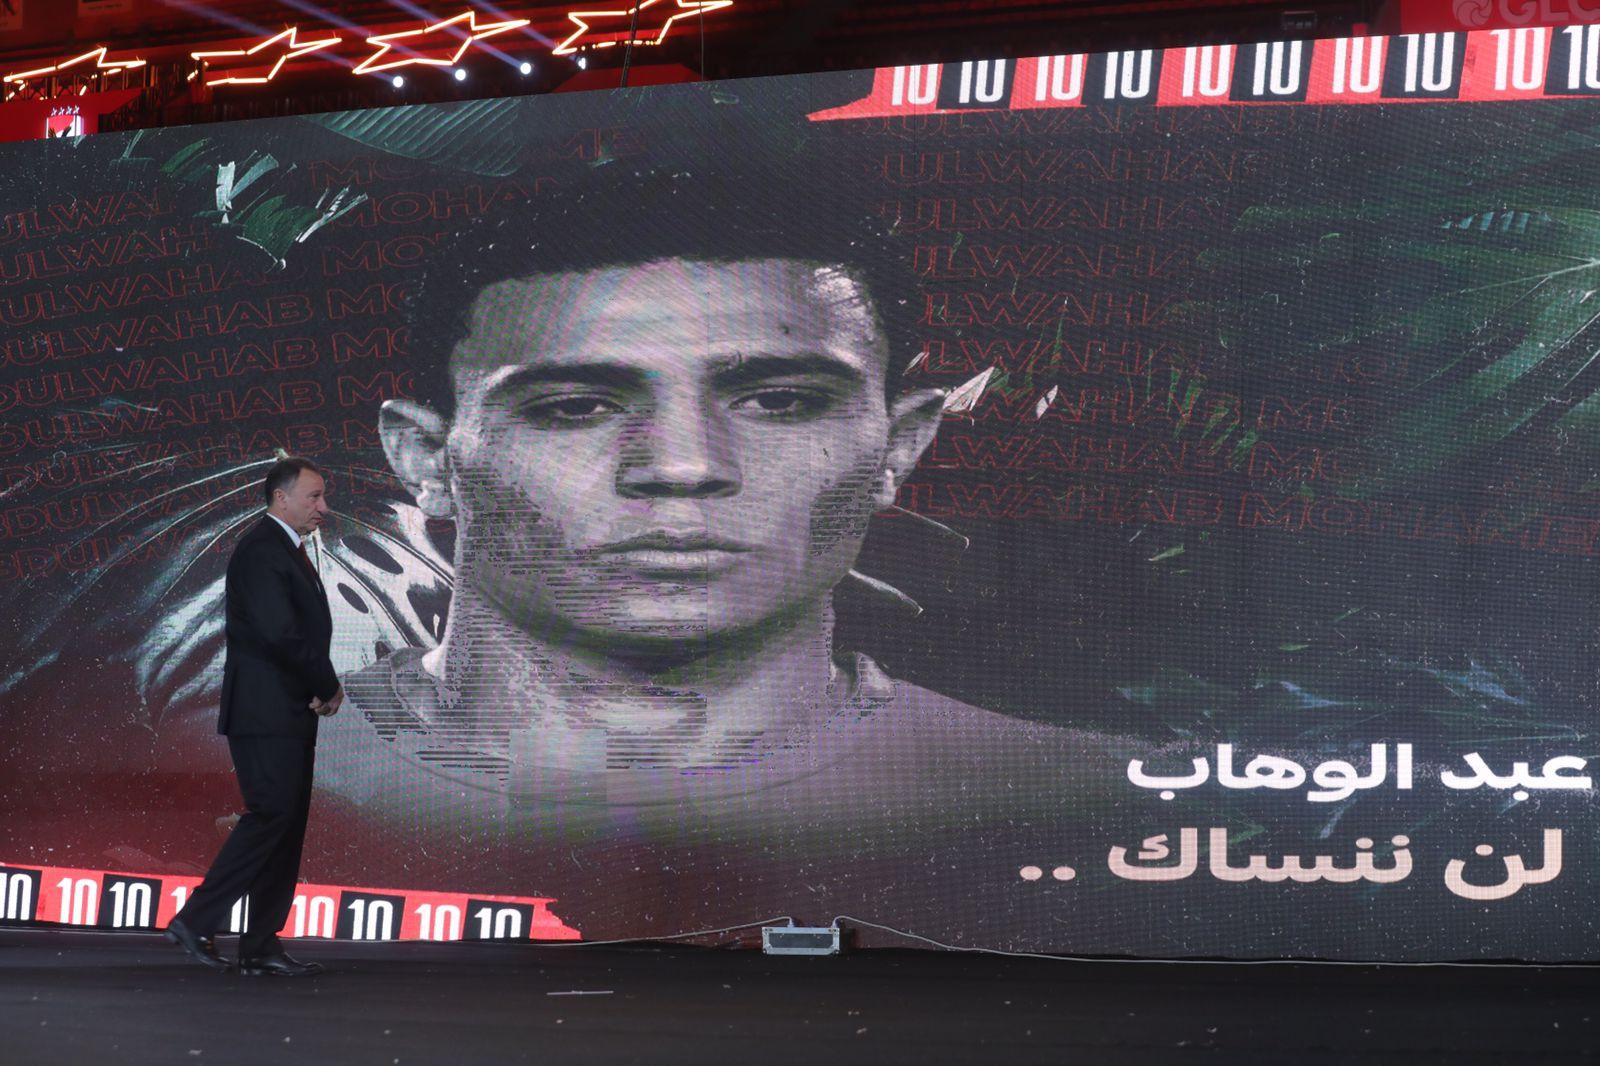 الأهلي يكرم محمد عبد الوهاب في احتفالية «تدشين النجمة العاشرة»